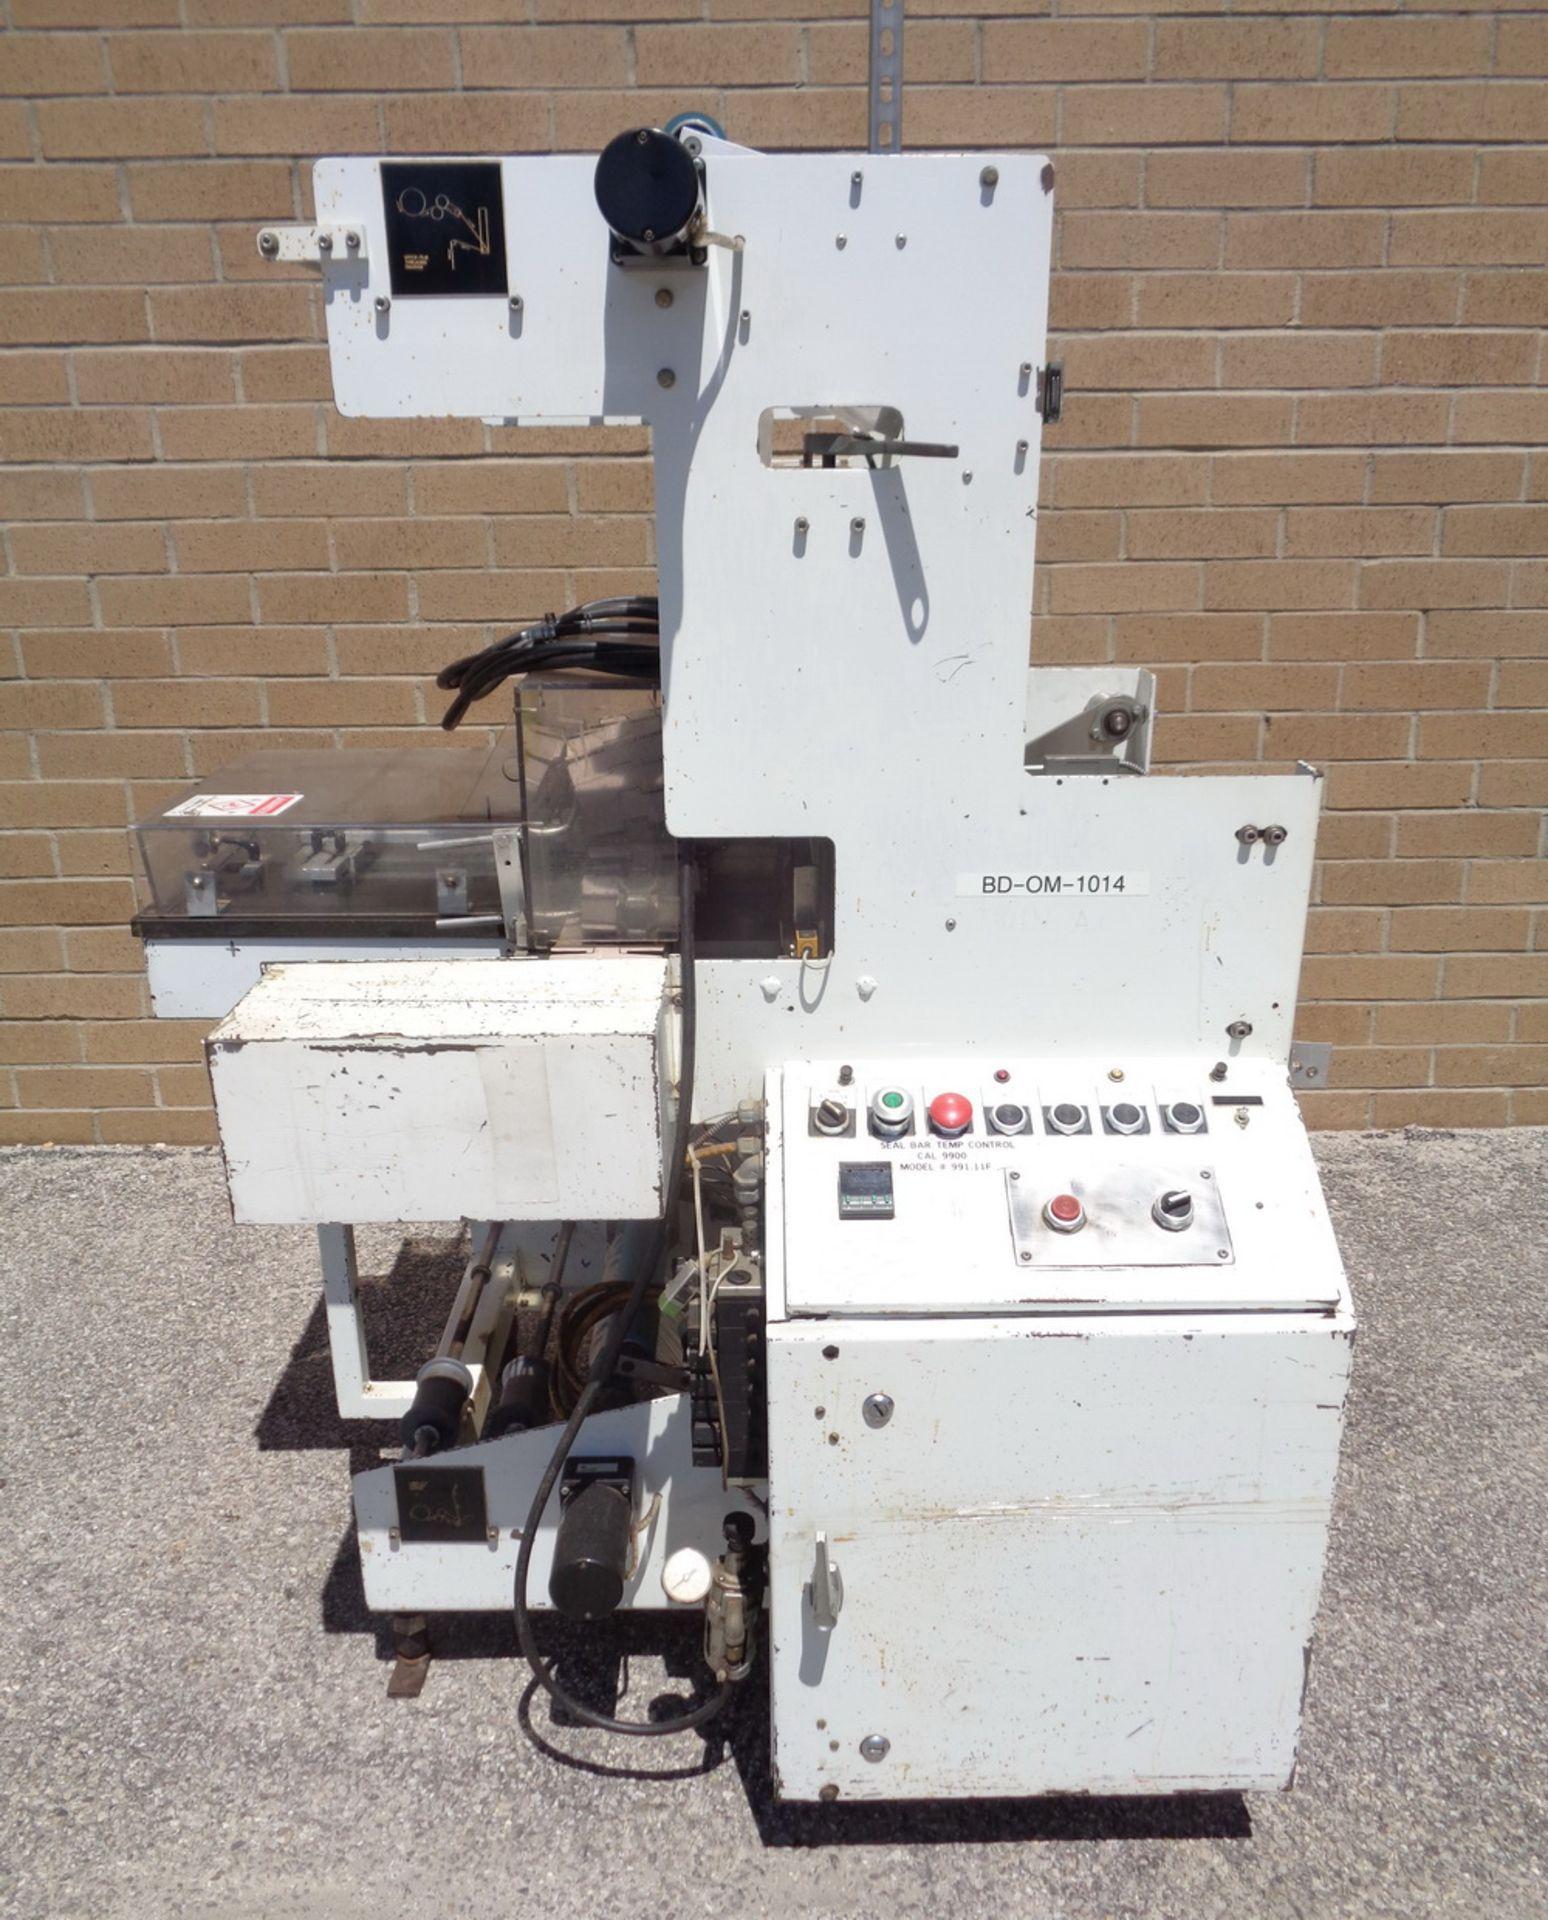 Lot 151 - Omega Single Lane Shrink Bundler, Model SL-18